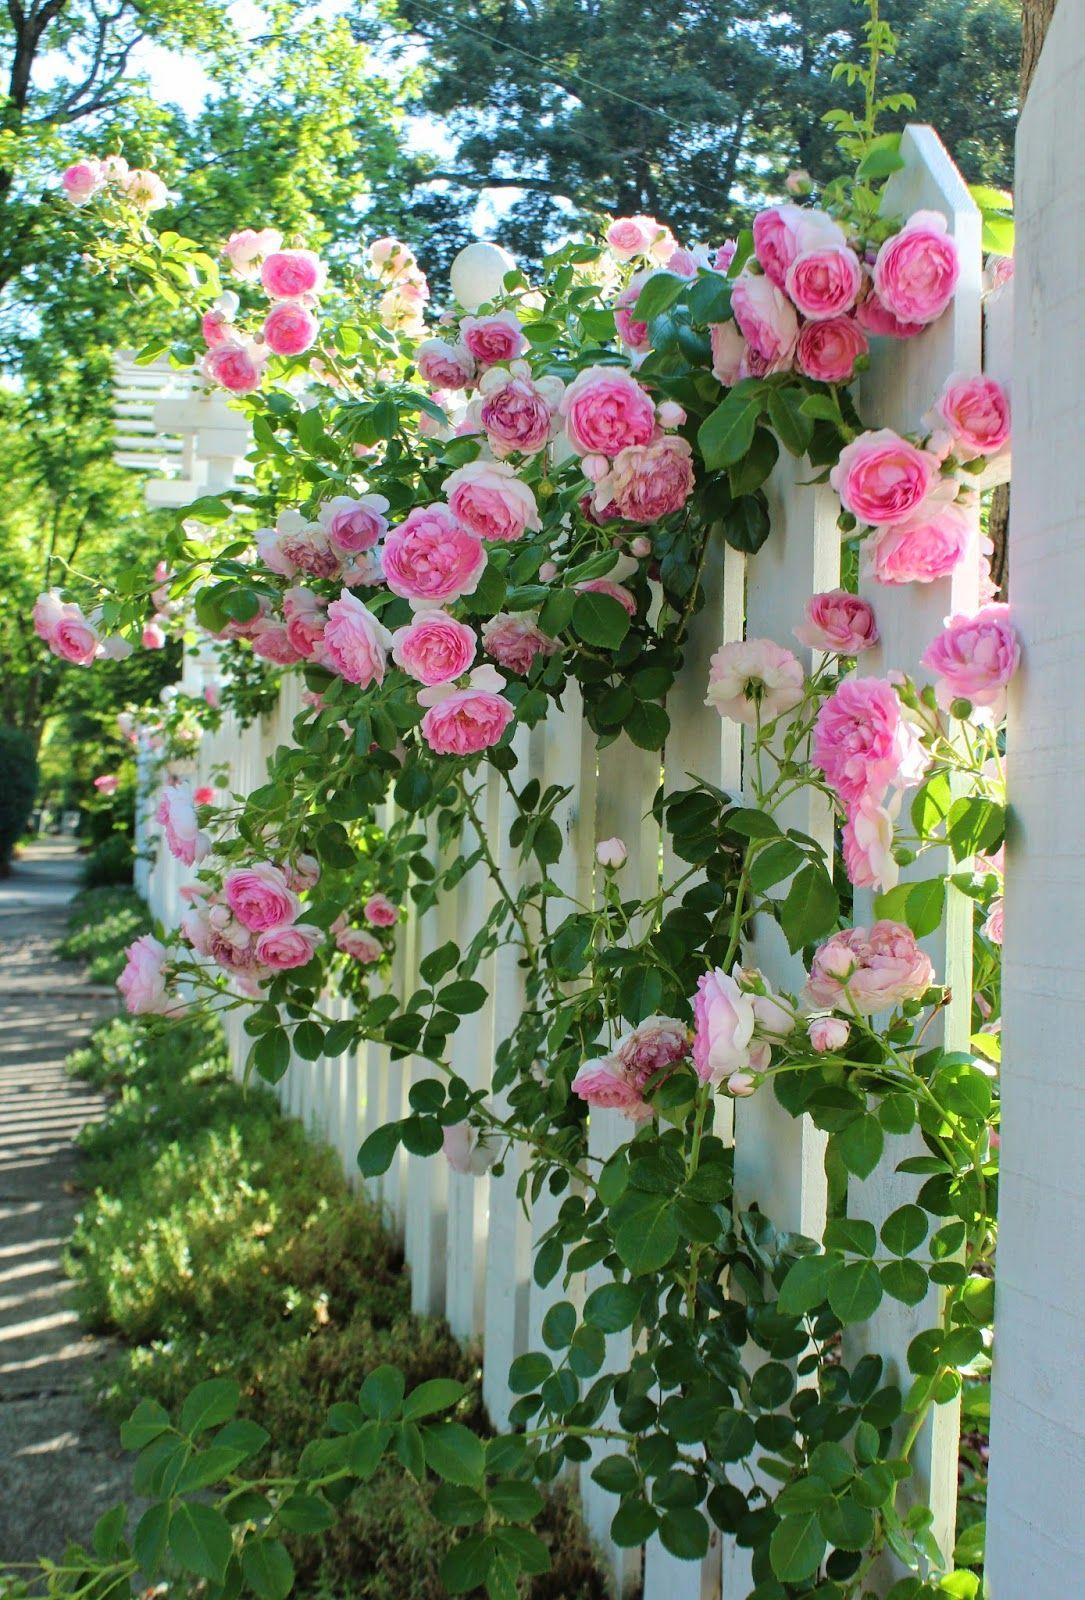 Italian Girl in Garden of Eden Flowers Roses